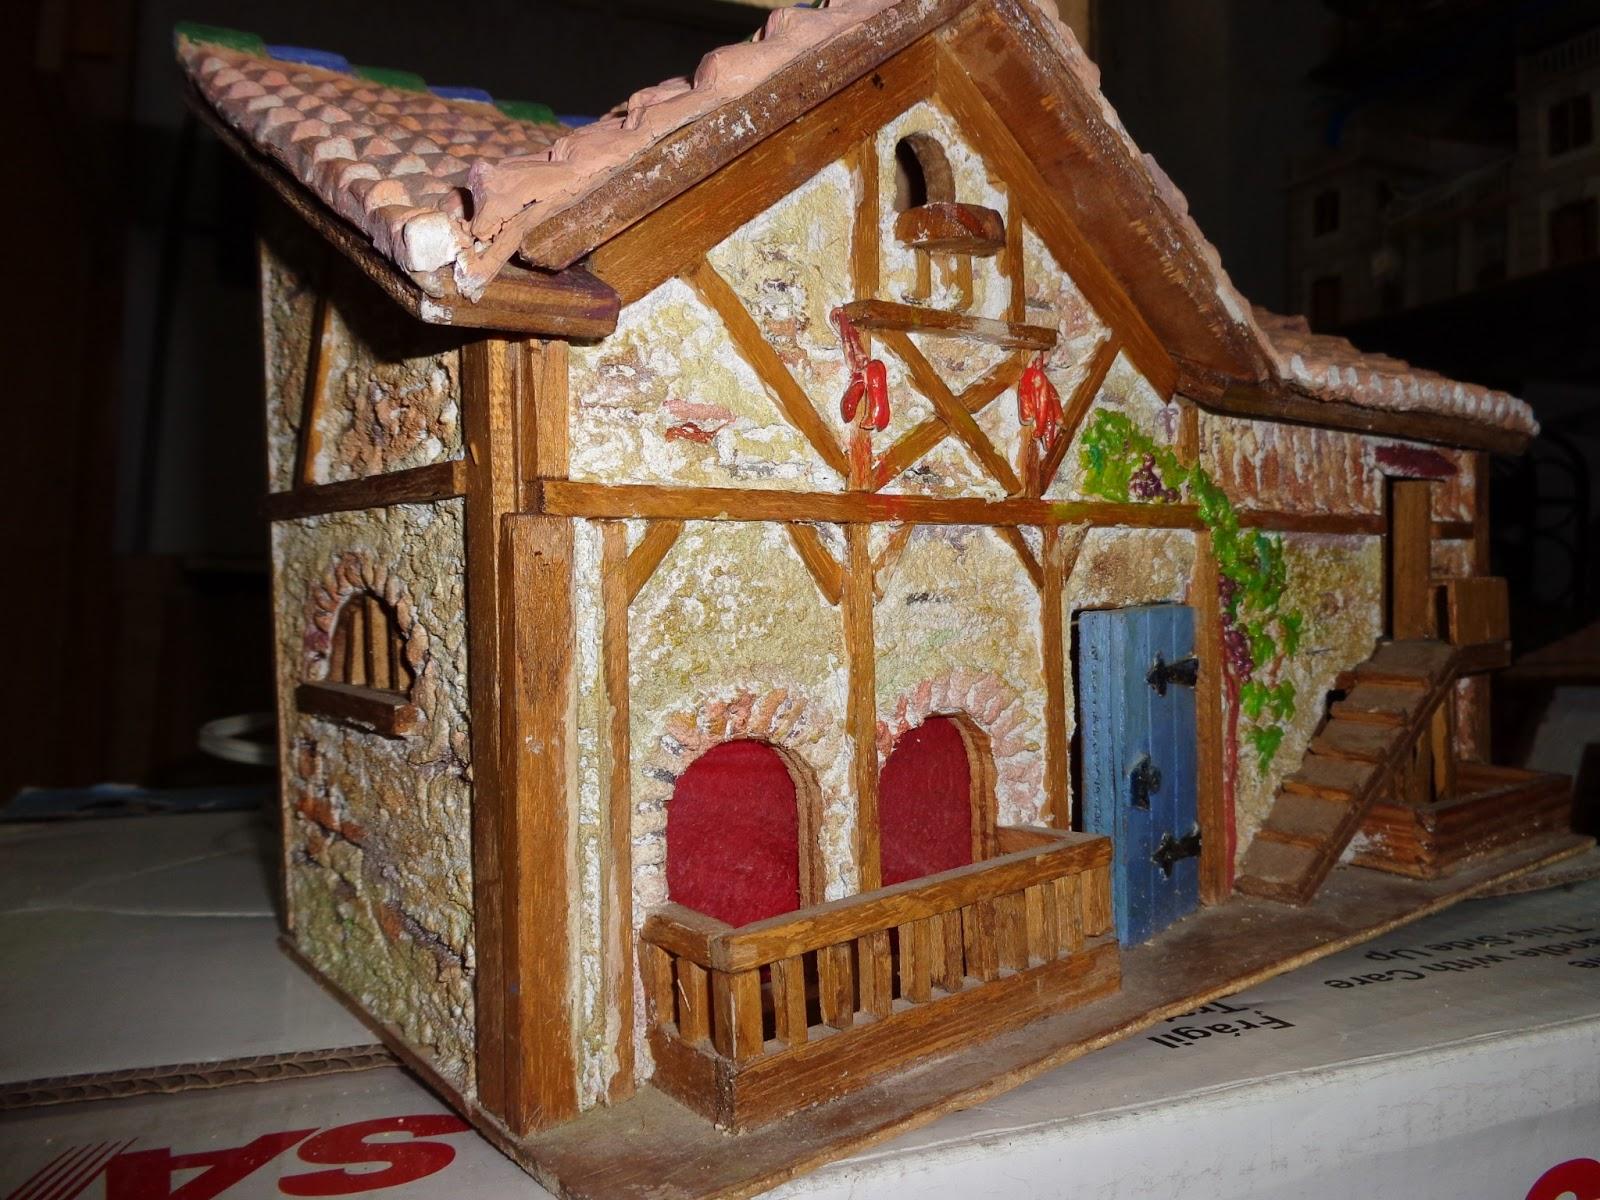 Mi lbum de ilusiones casas de madera estucadas pintadas - Casas de madera pintadas ...